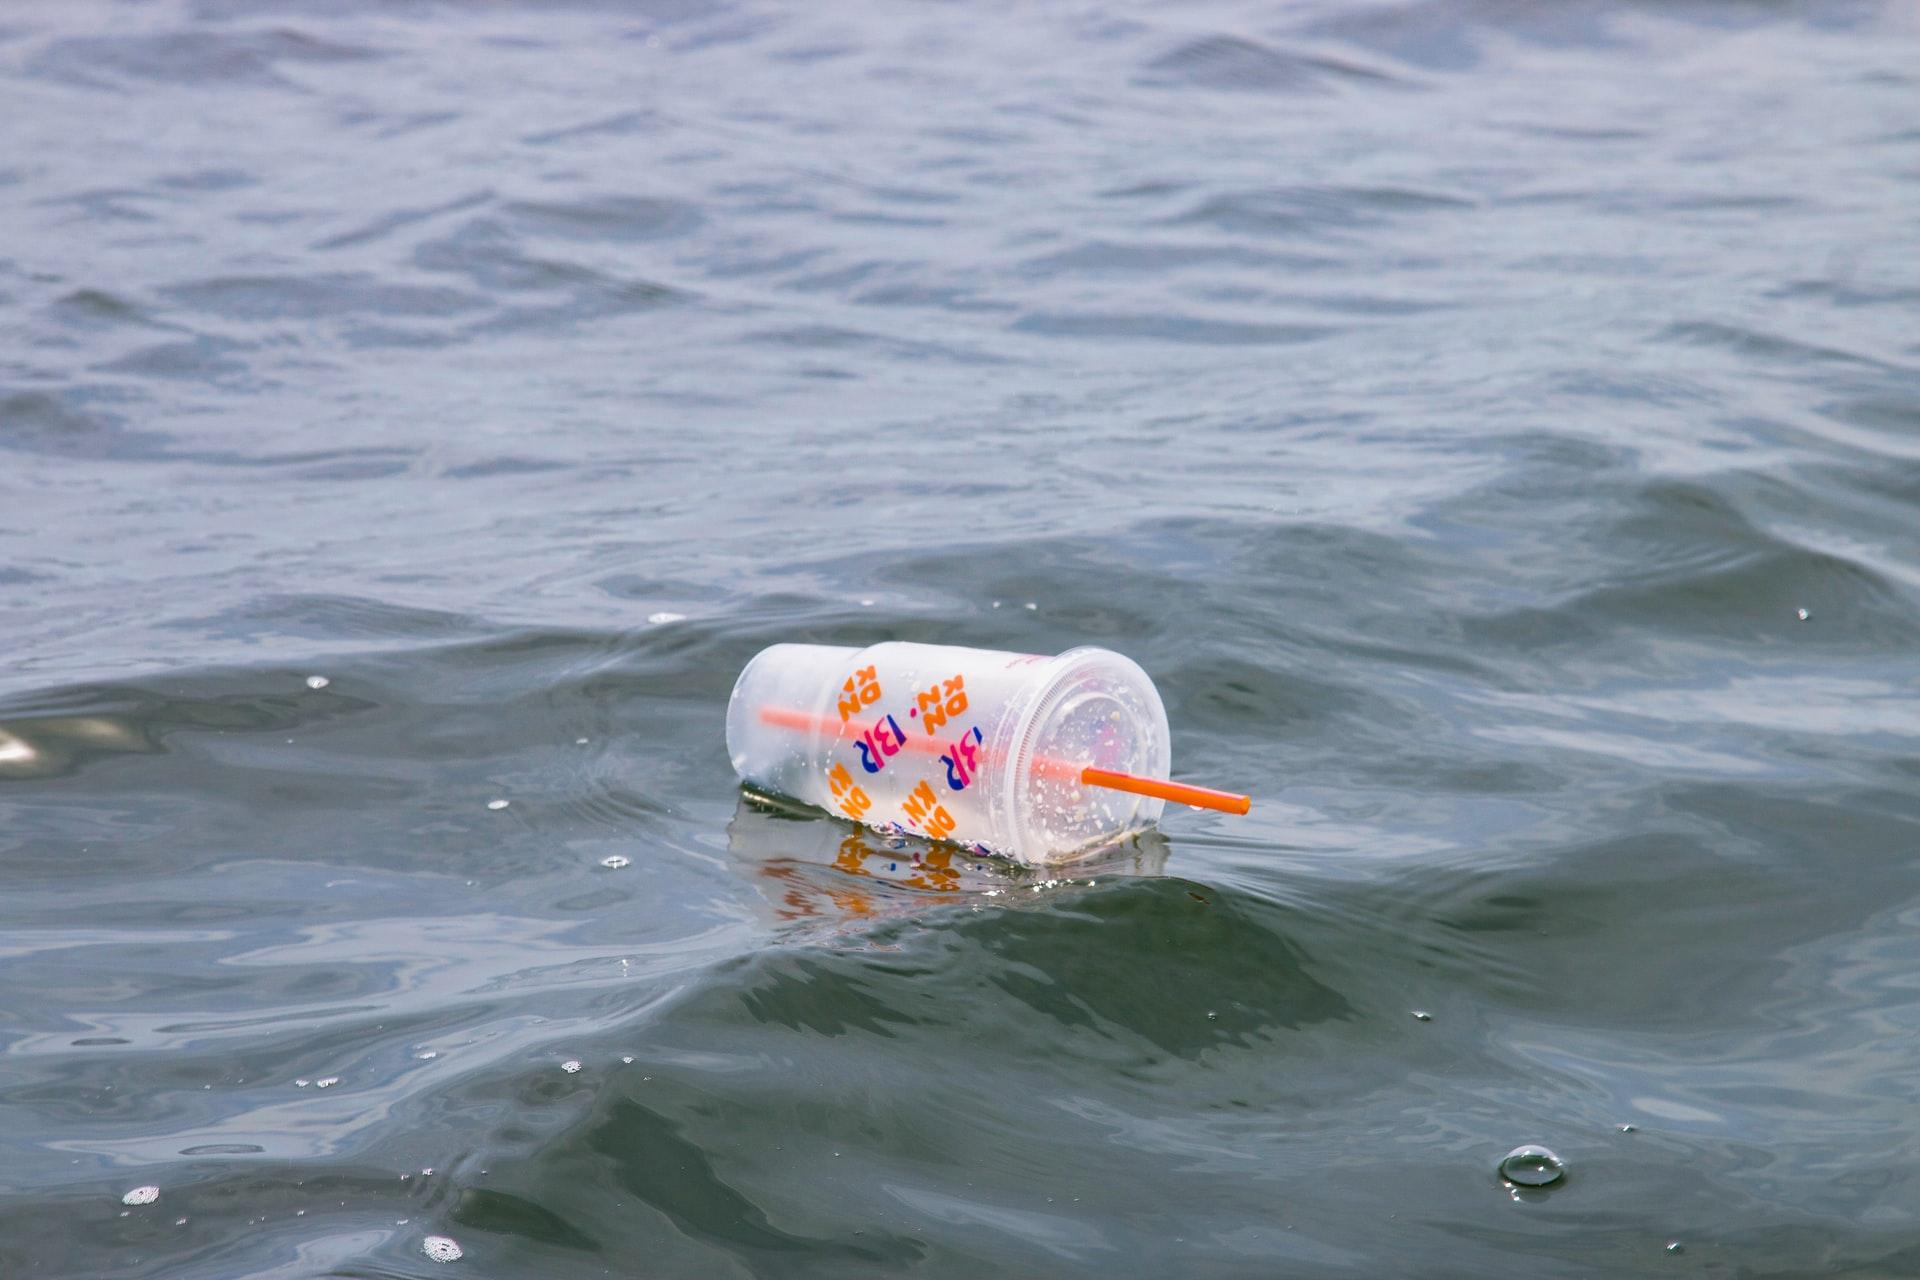 なぜ、紙ストローへの移行(脱プラスチック)が進められているのか